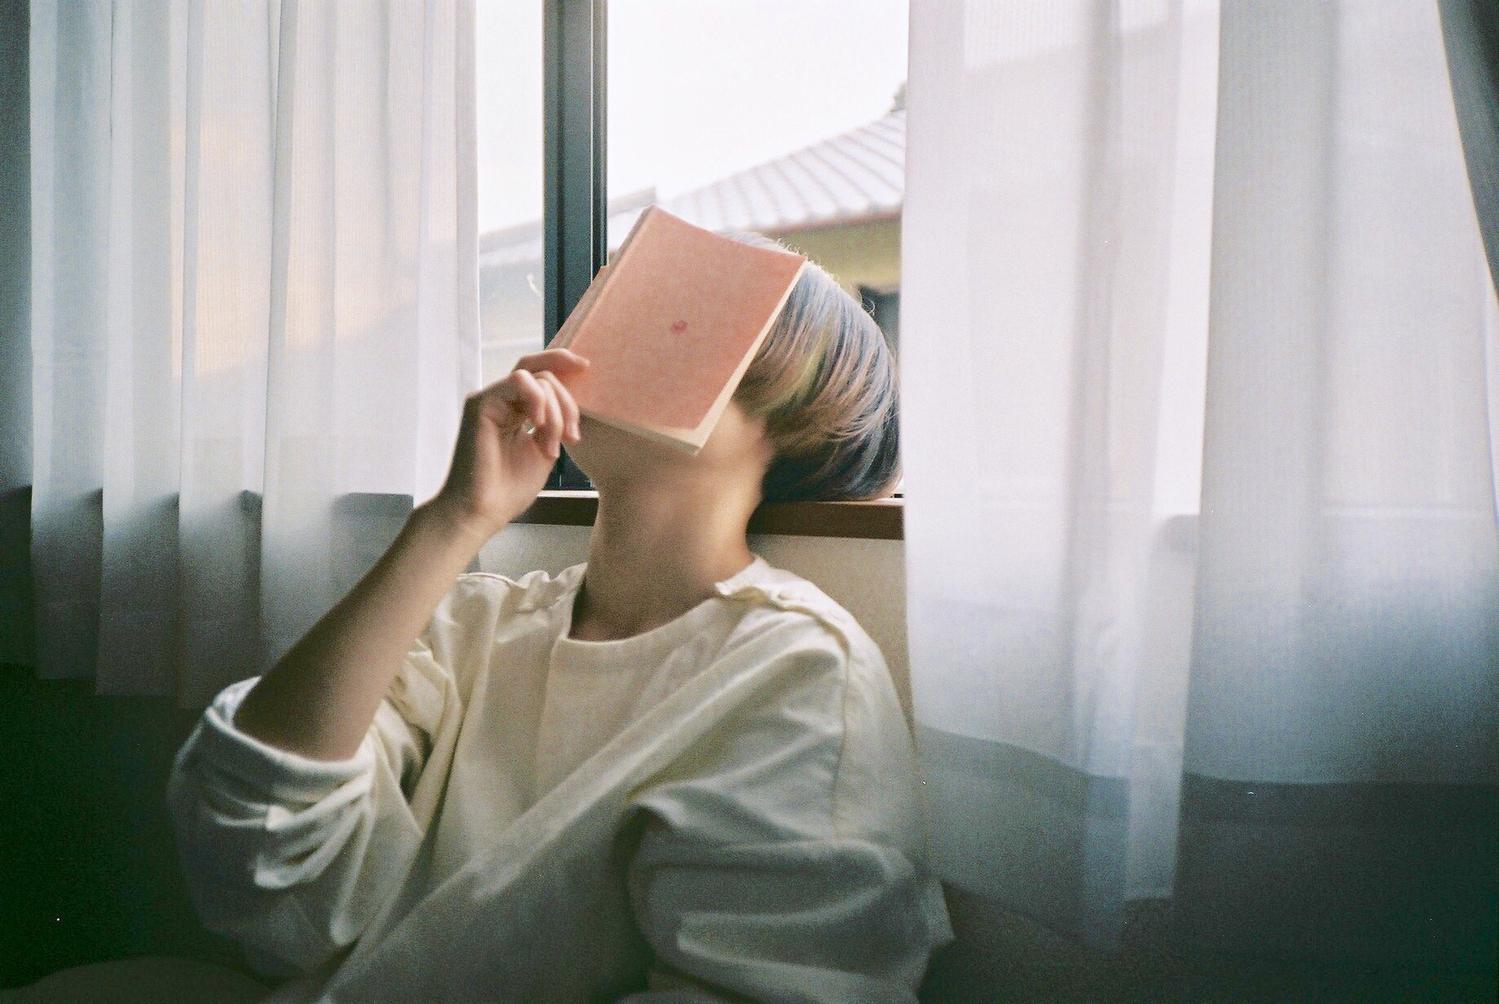 私は[座って]読むのが好き